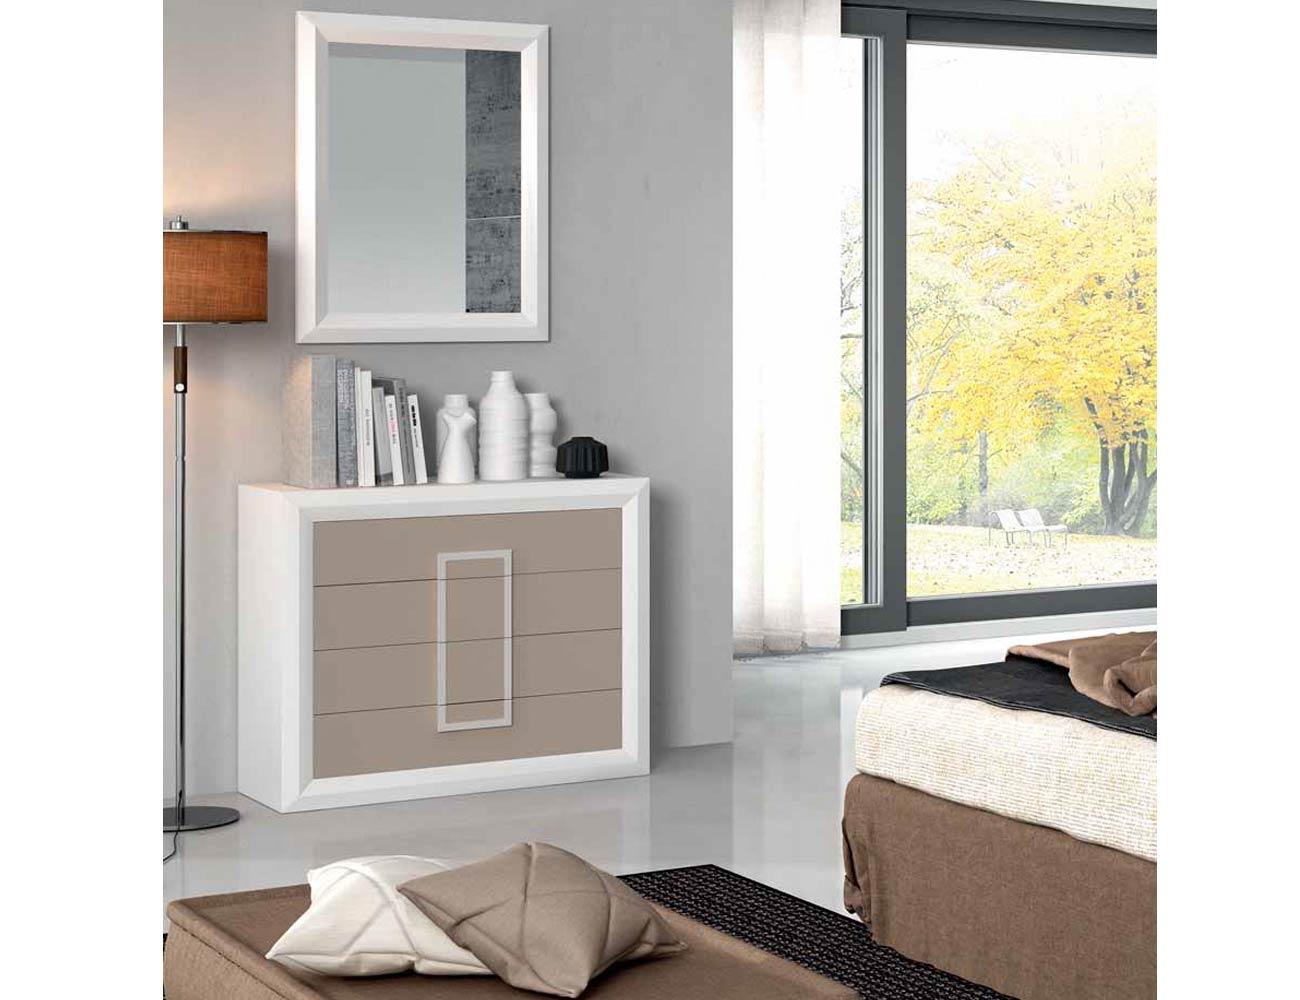 Ambiente06 mueble comoda dormitorio matrimonio marco espejo1